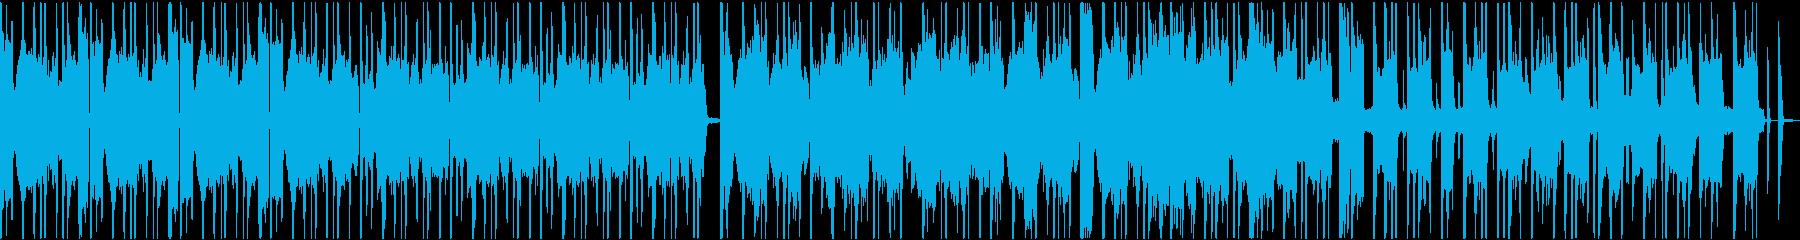 真面目なイメージの短い尺のループ楽曲の再生済みの波形